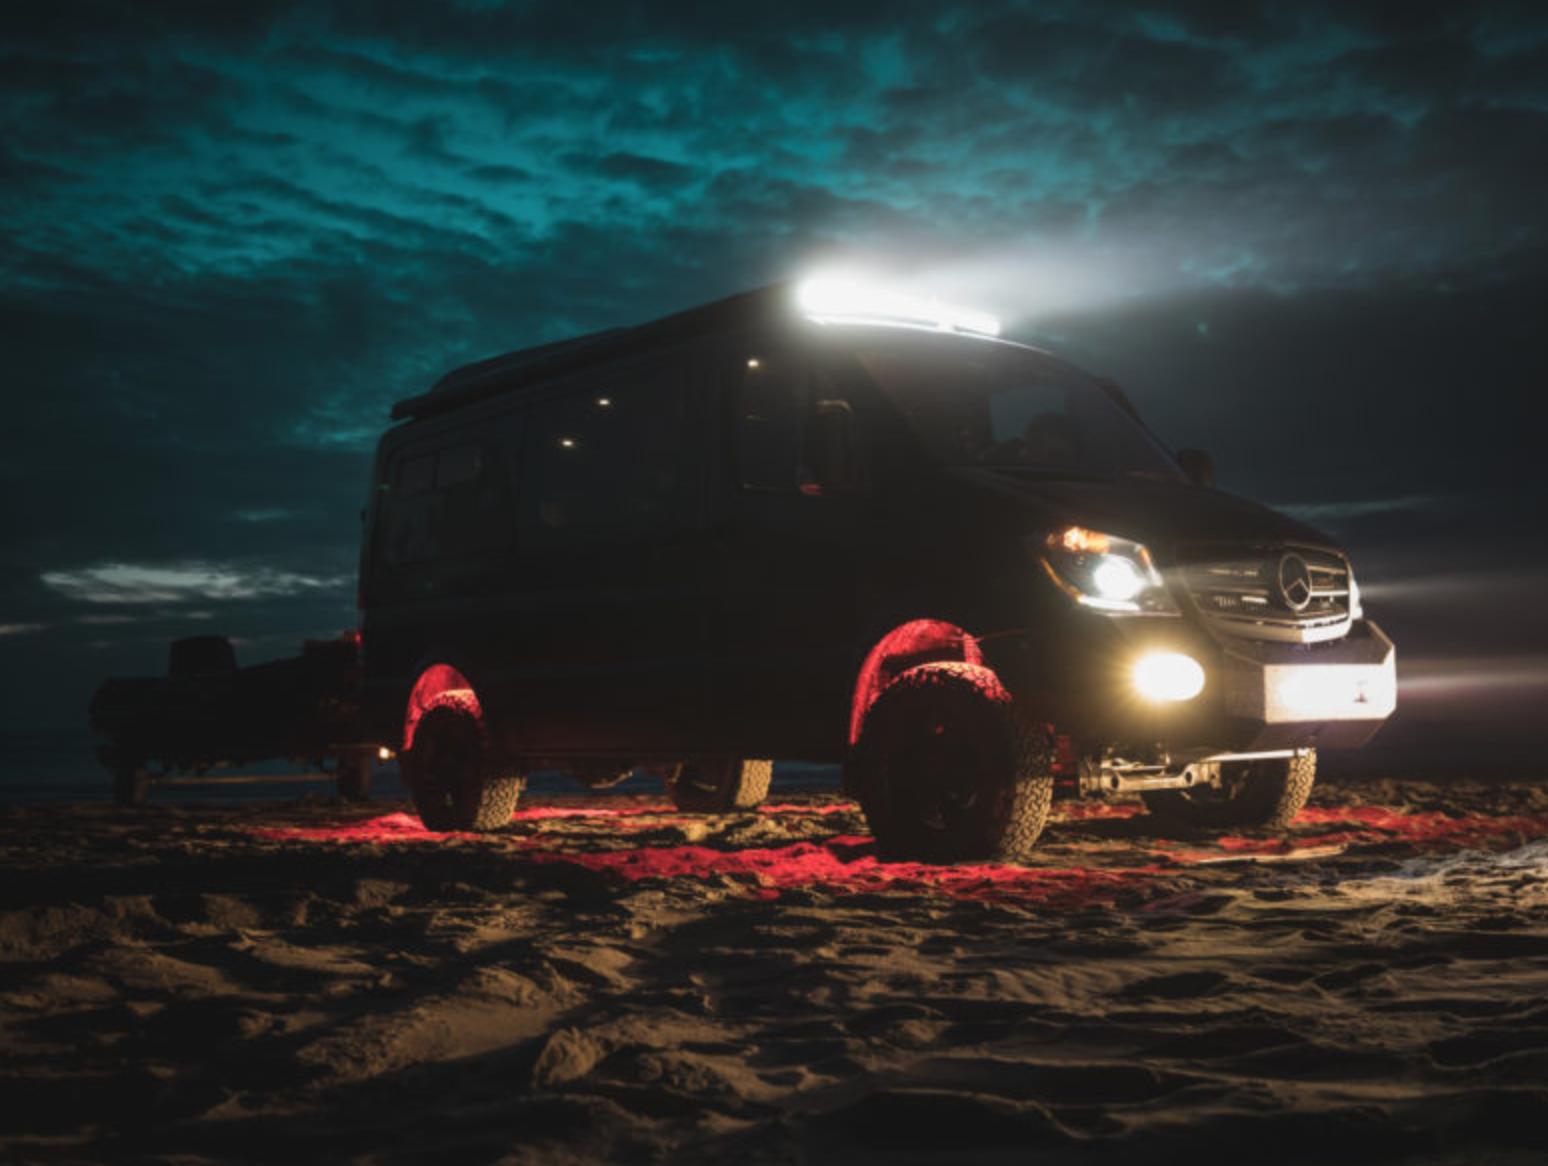 Mercedes Sprinter Conversions - Darkstar night